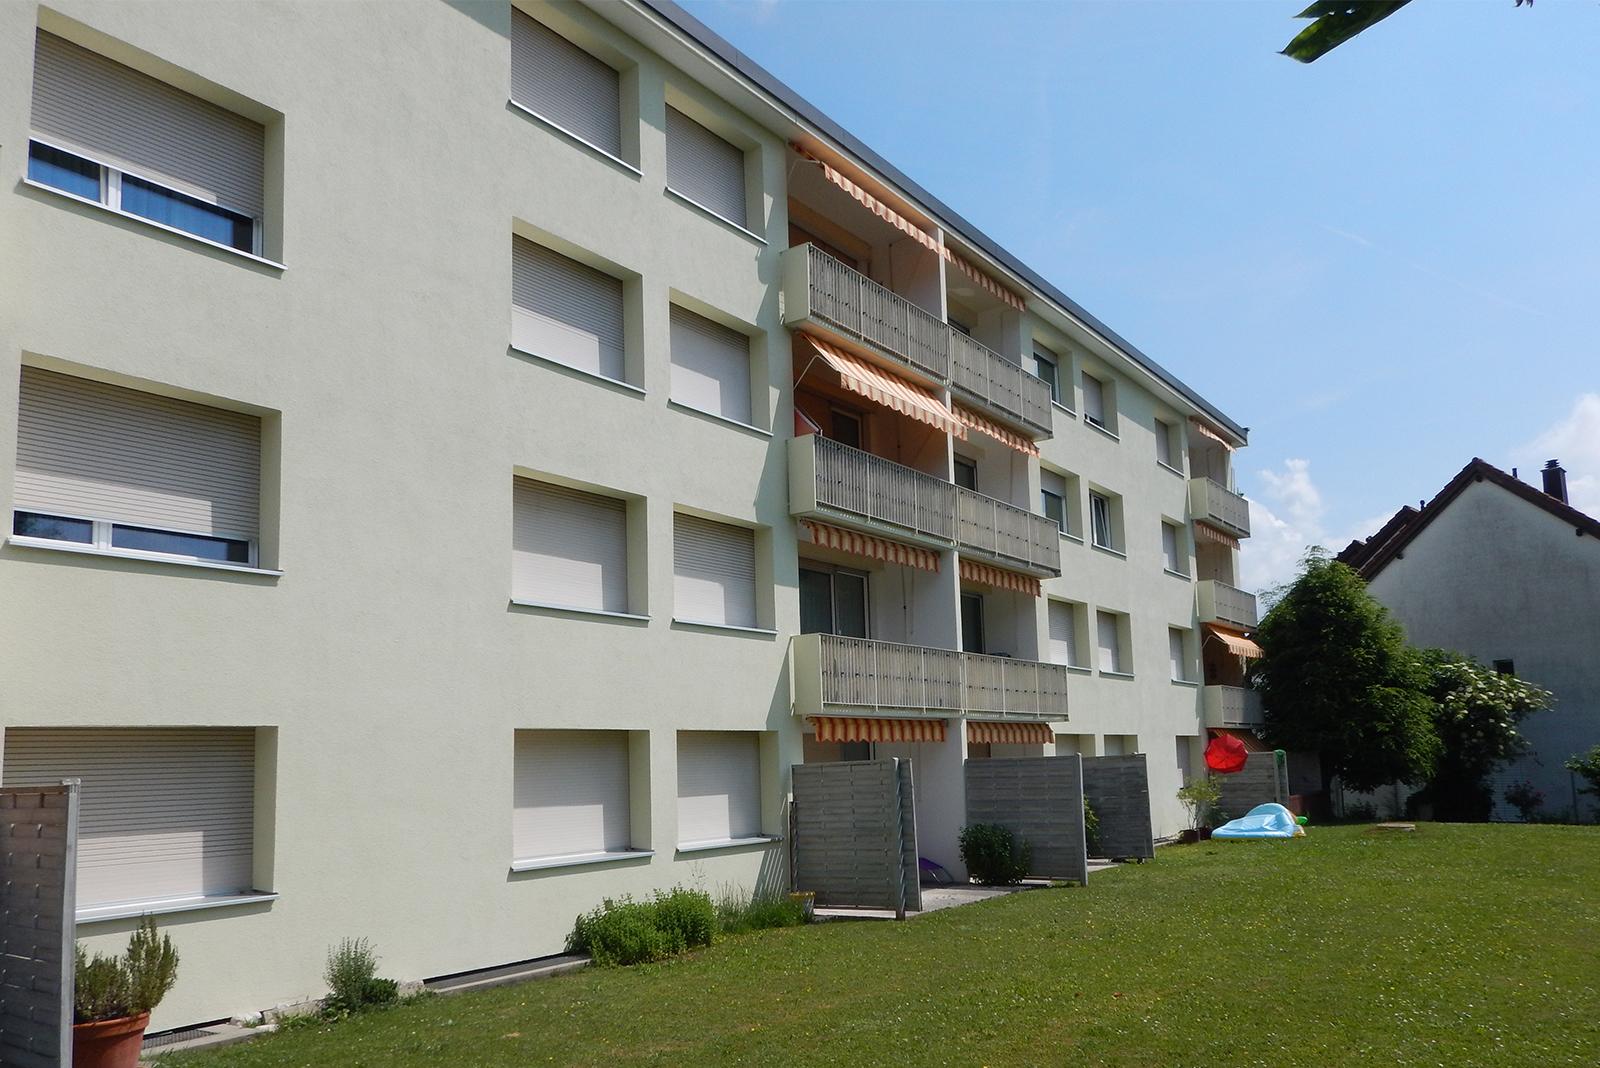 10 Belchenstrasse 19 - 011